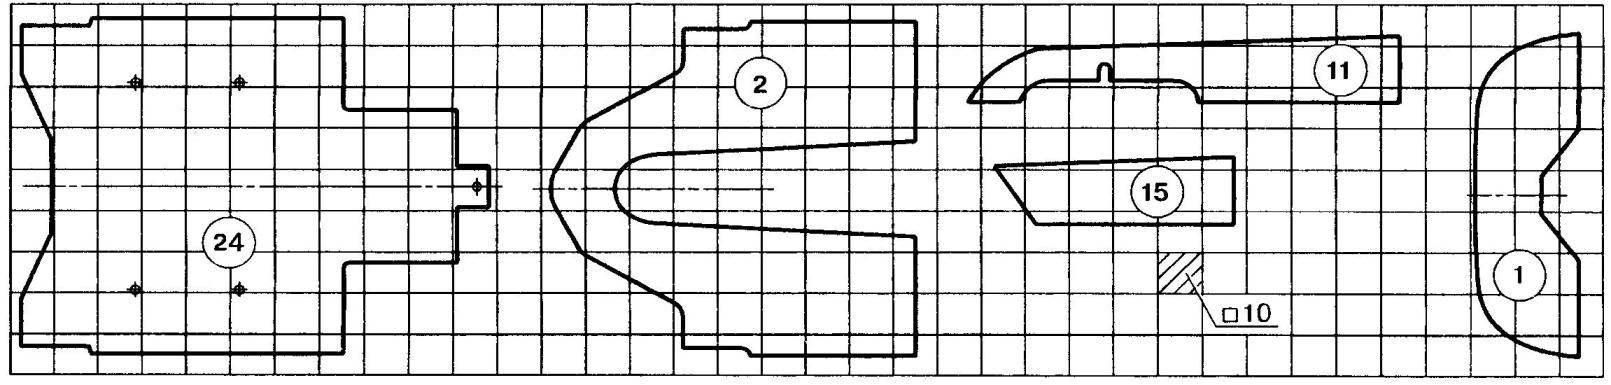 Трассовая модель-копия автомобиля Kudzu Mazda DG3 (2)